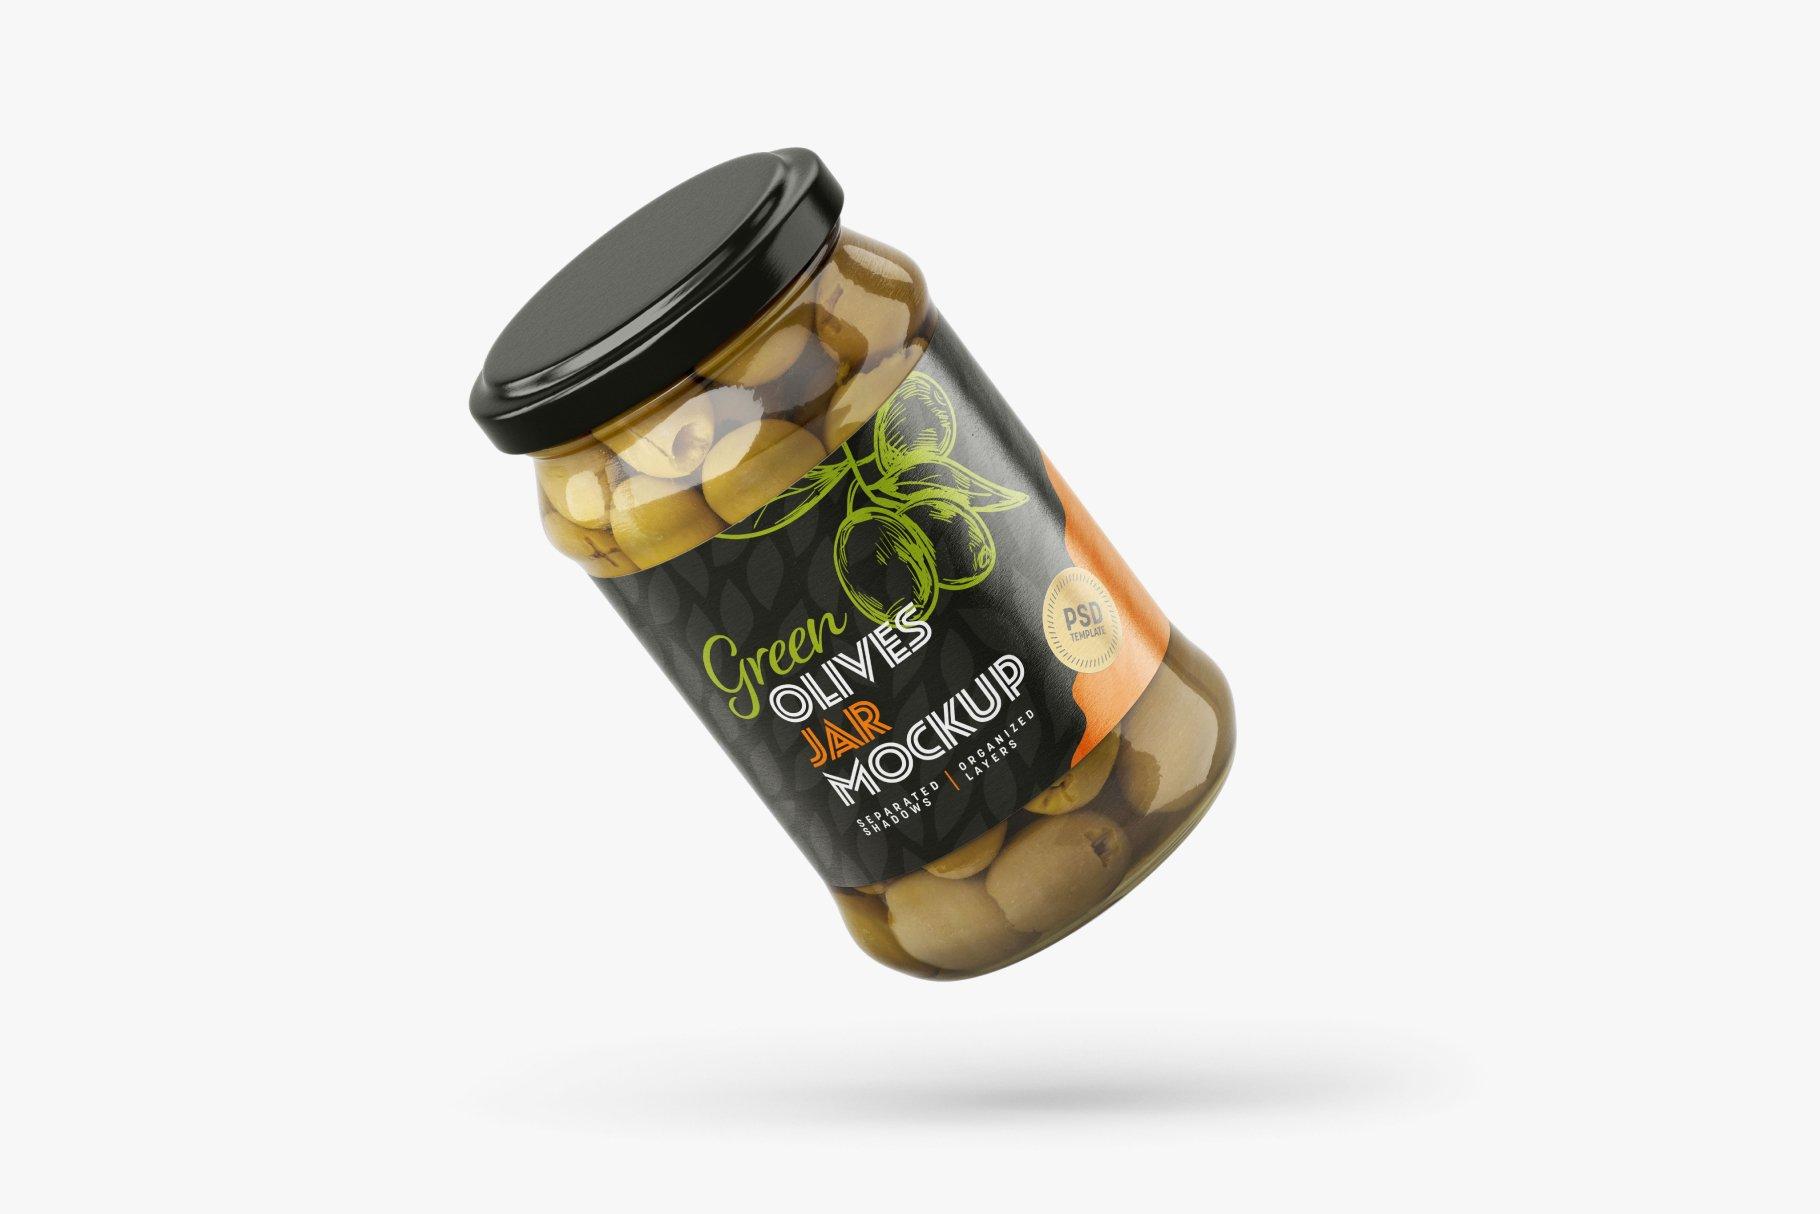 9款新潮华丽食品果酱罐头玻璃罐标签设计样机合集 Olives Jar Mockup Set插图6